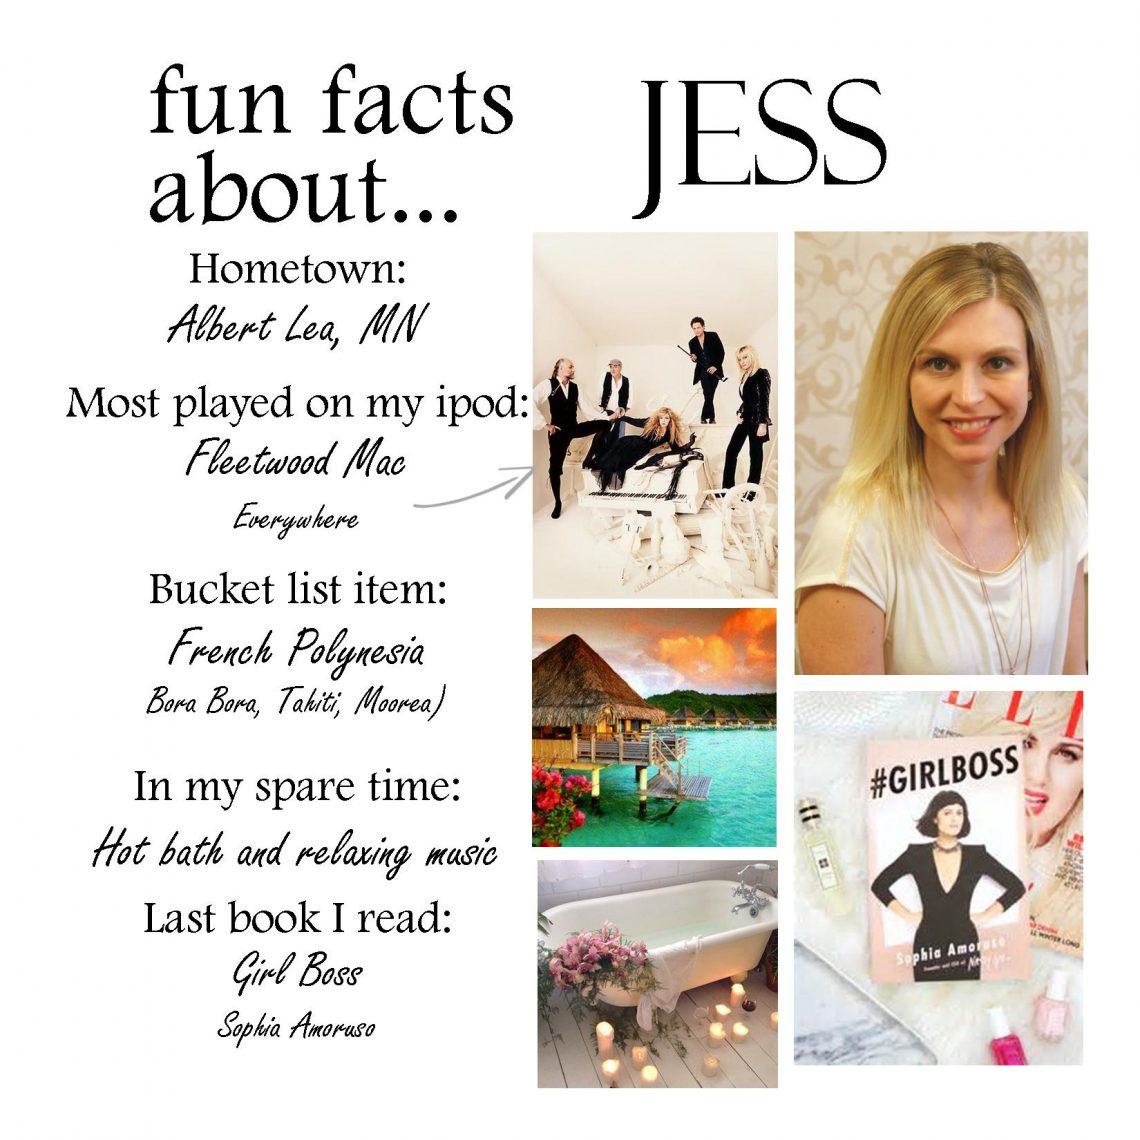 jess-fun-fact